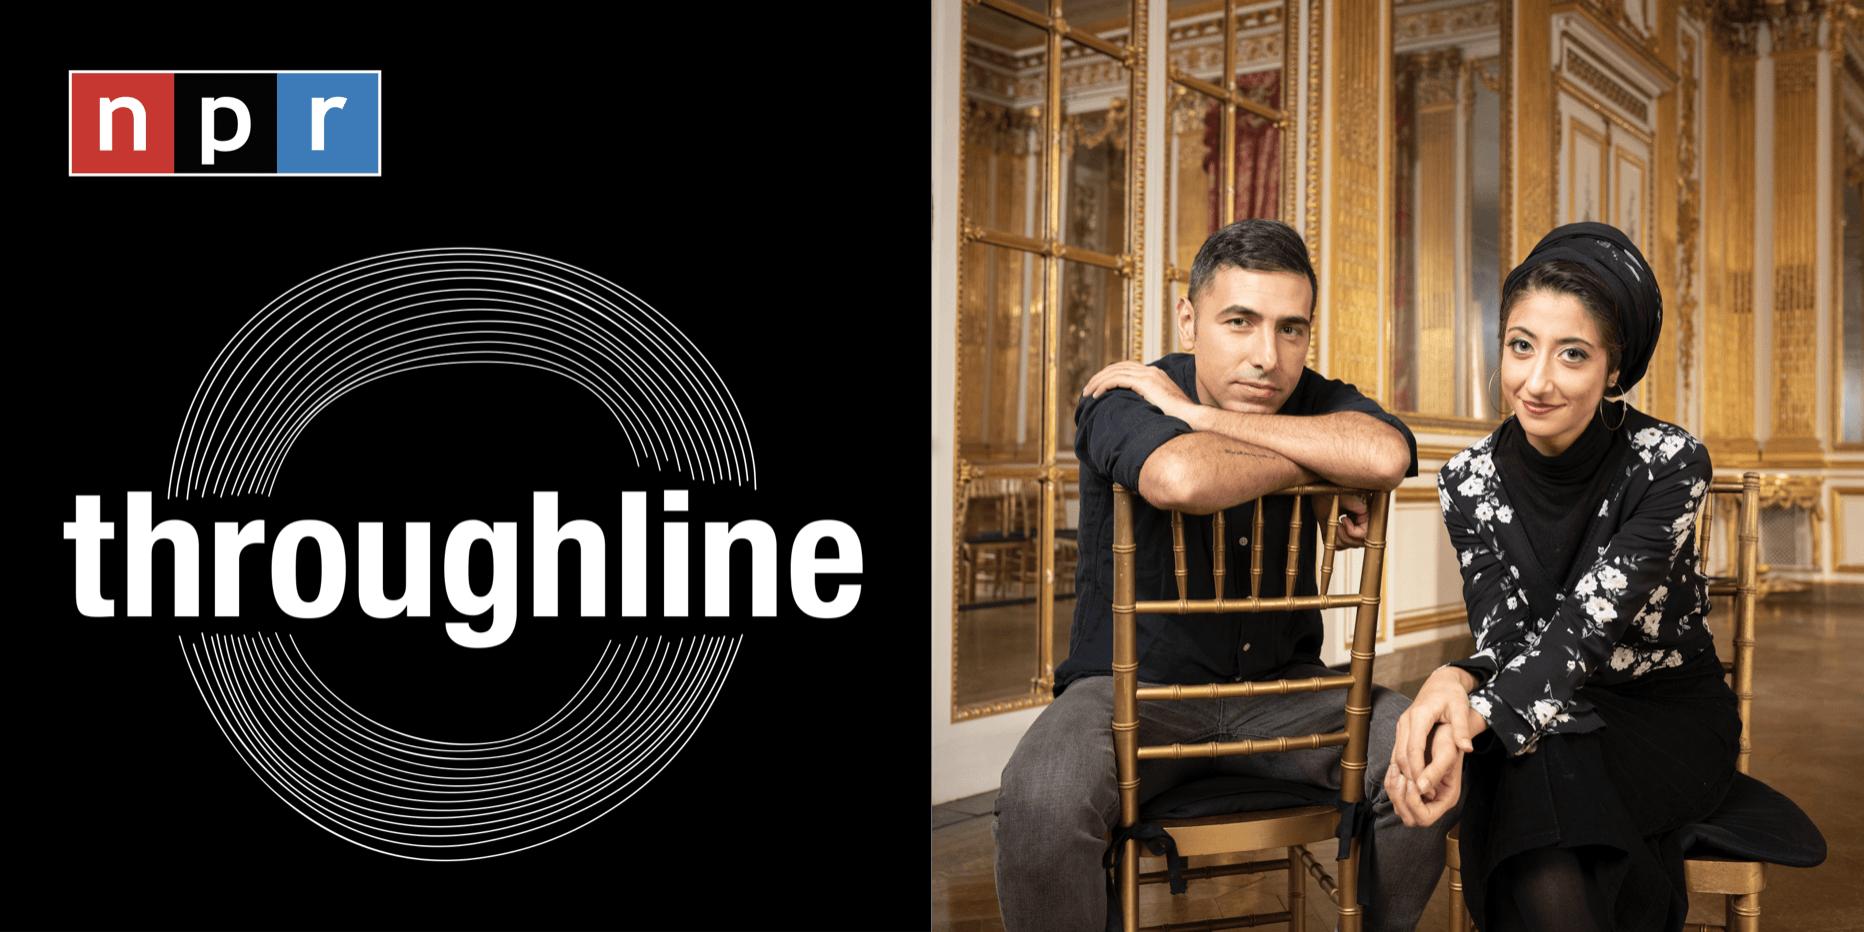 NPR Throughline Podcast Review